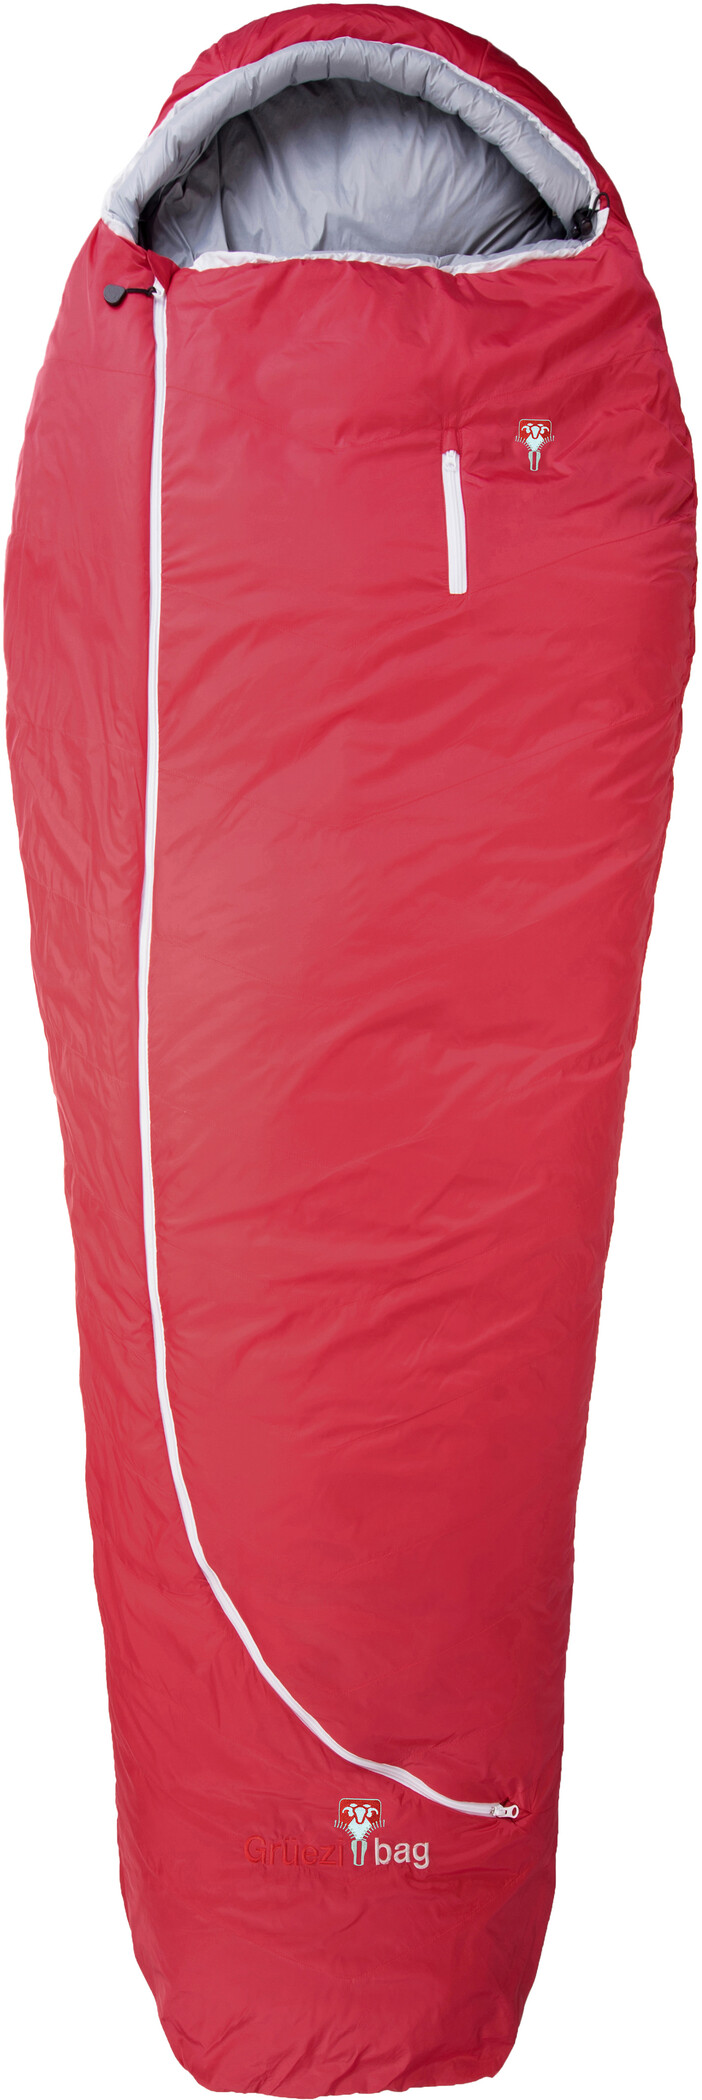 Grüezi-Bag Biopod Wool Zero Sovepose Regulær, tango red | Transport og opbevaring > Tilbehør